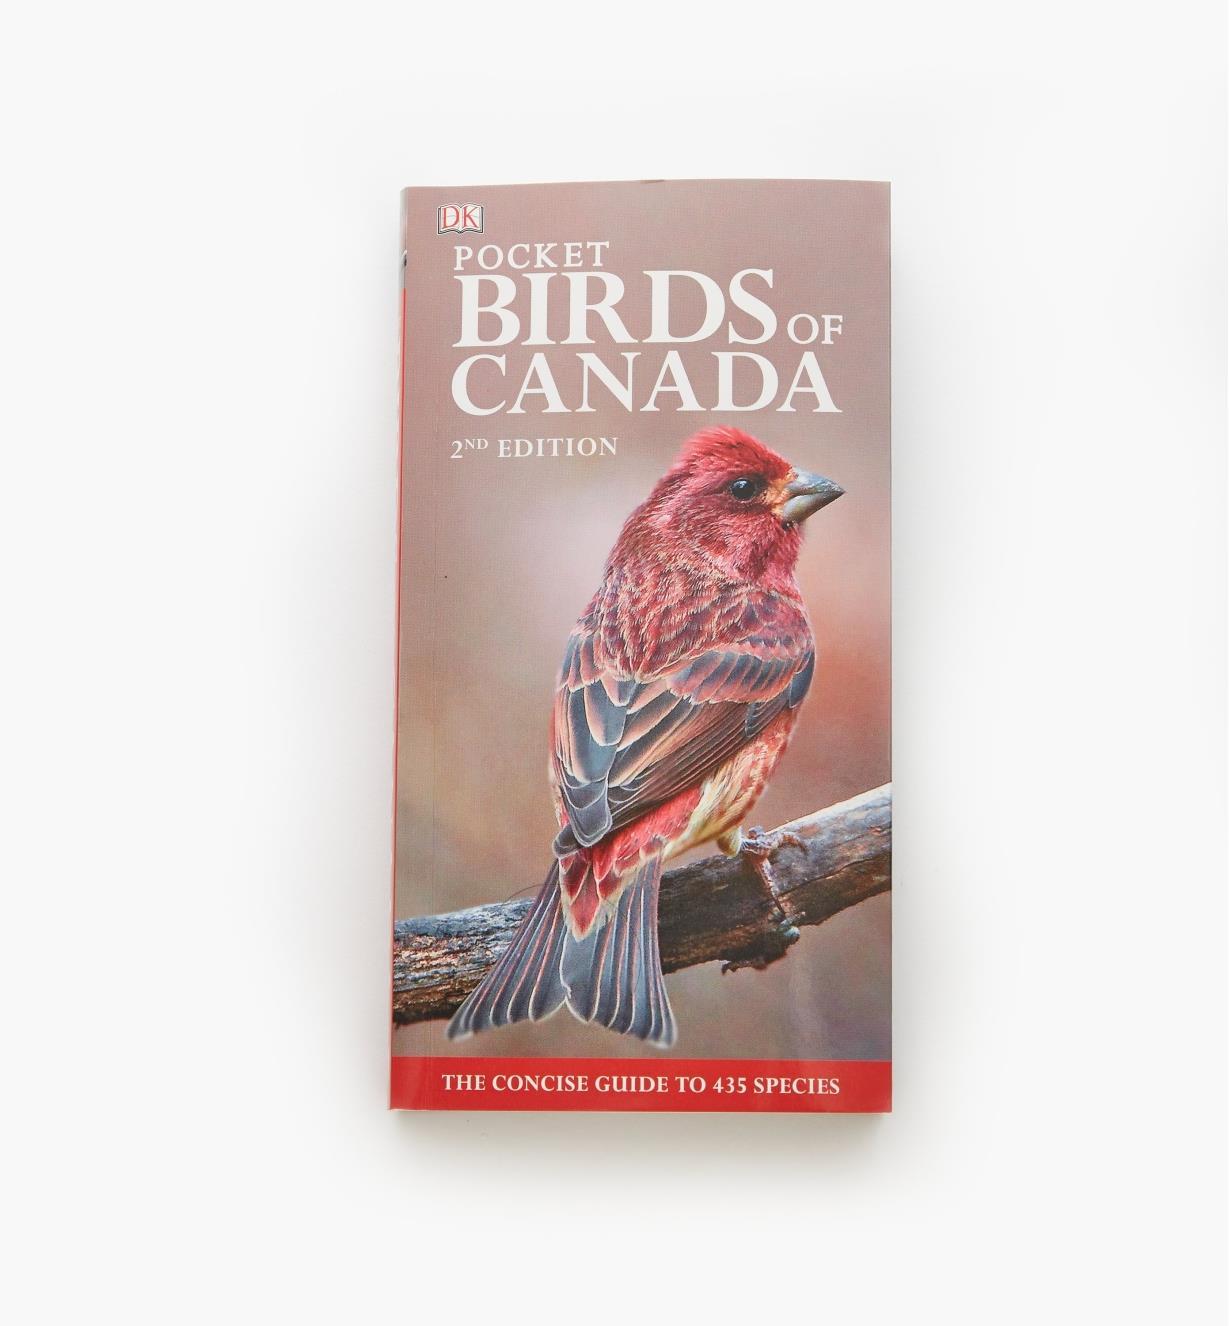 LA908 - Pocket Birds of Canada, 2nd Edition